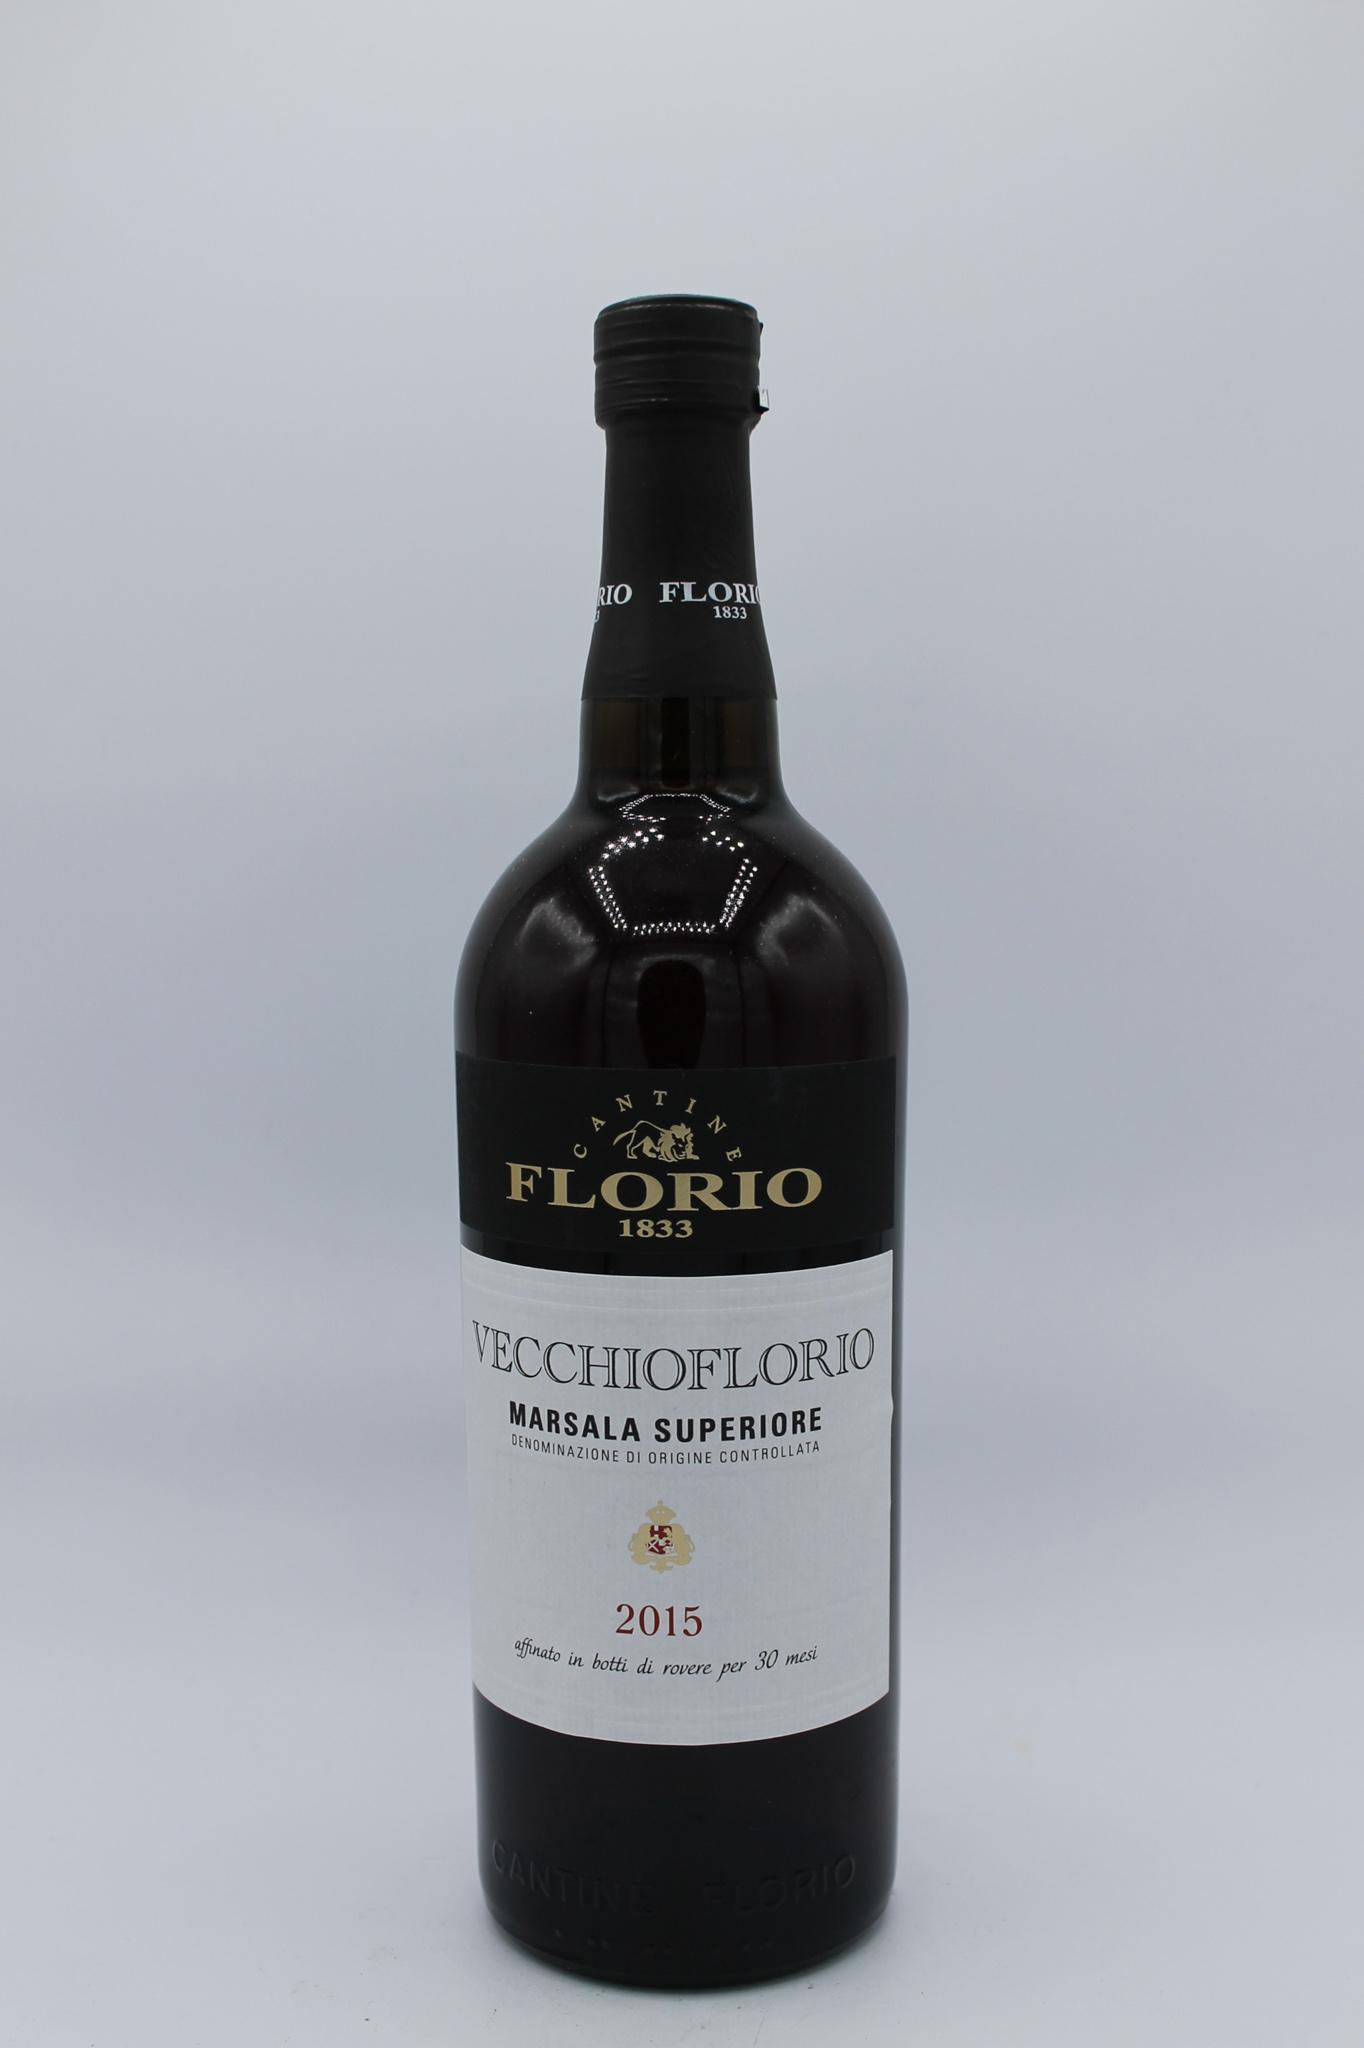 Cantine Florio marsala superiore DOC 750ml.